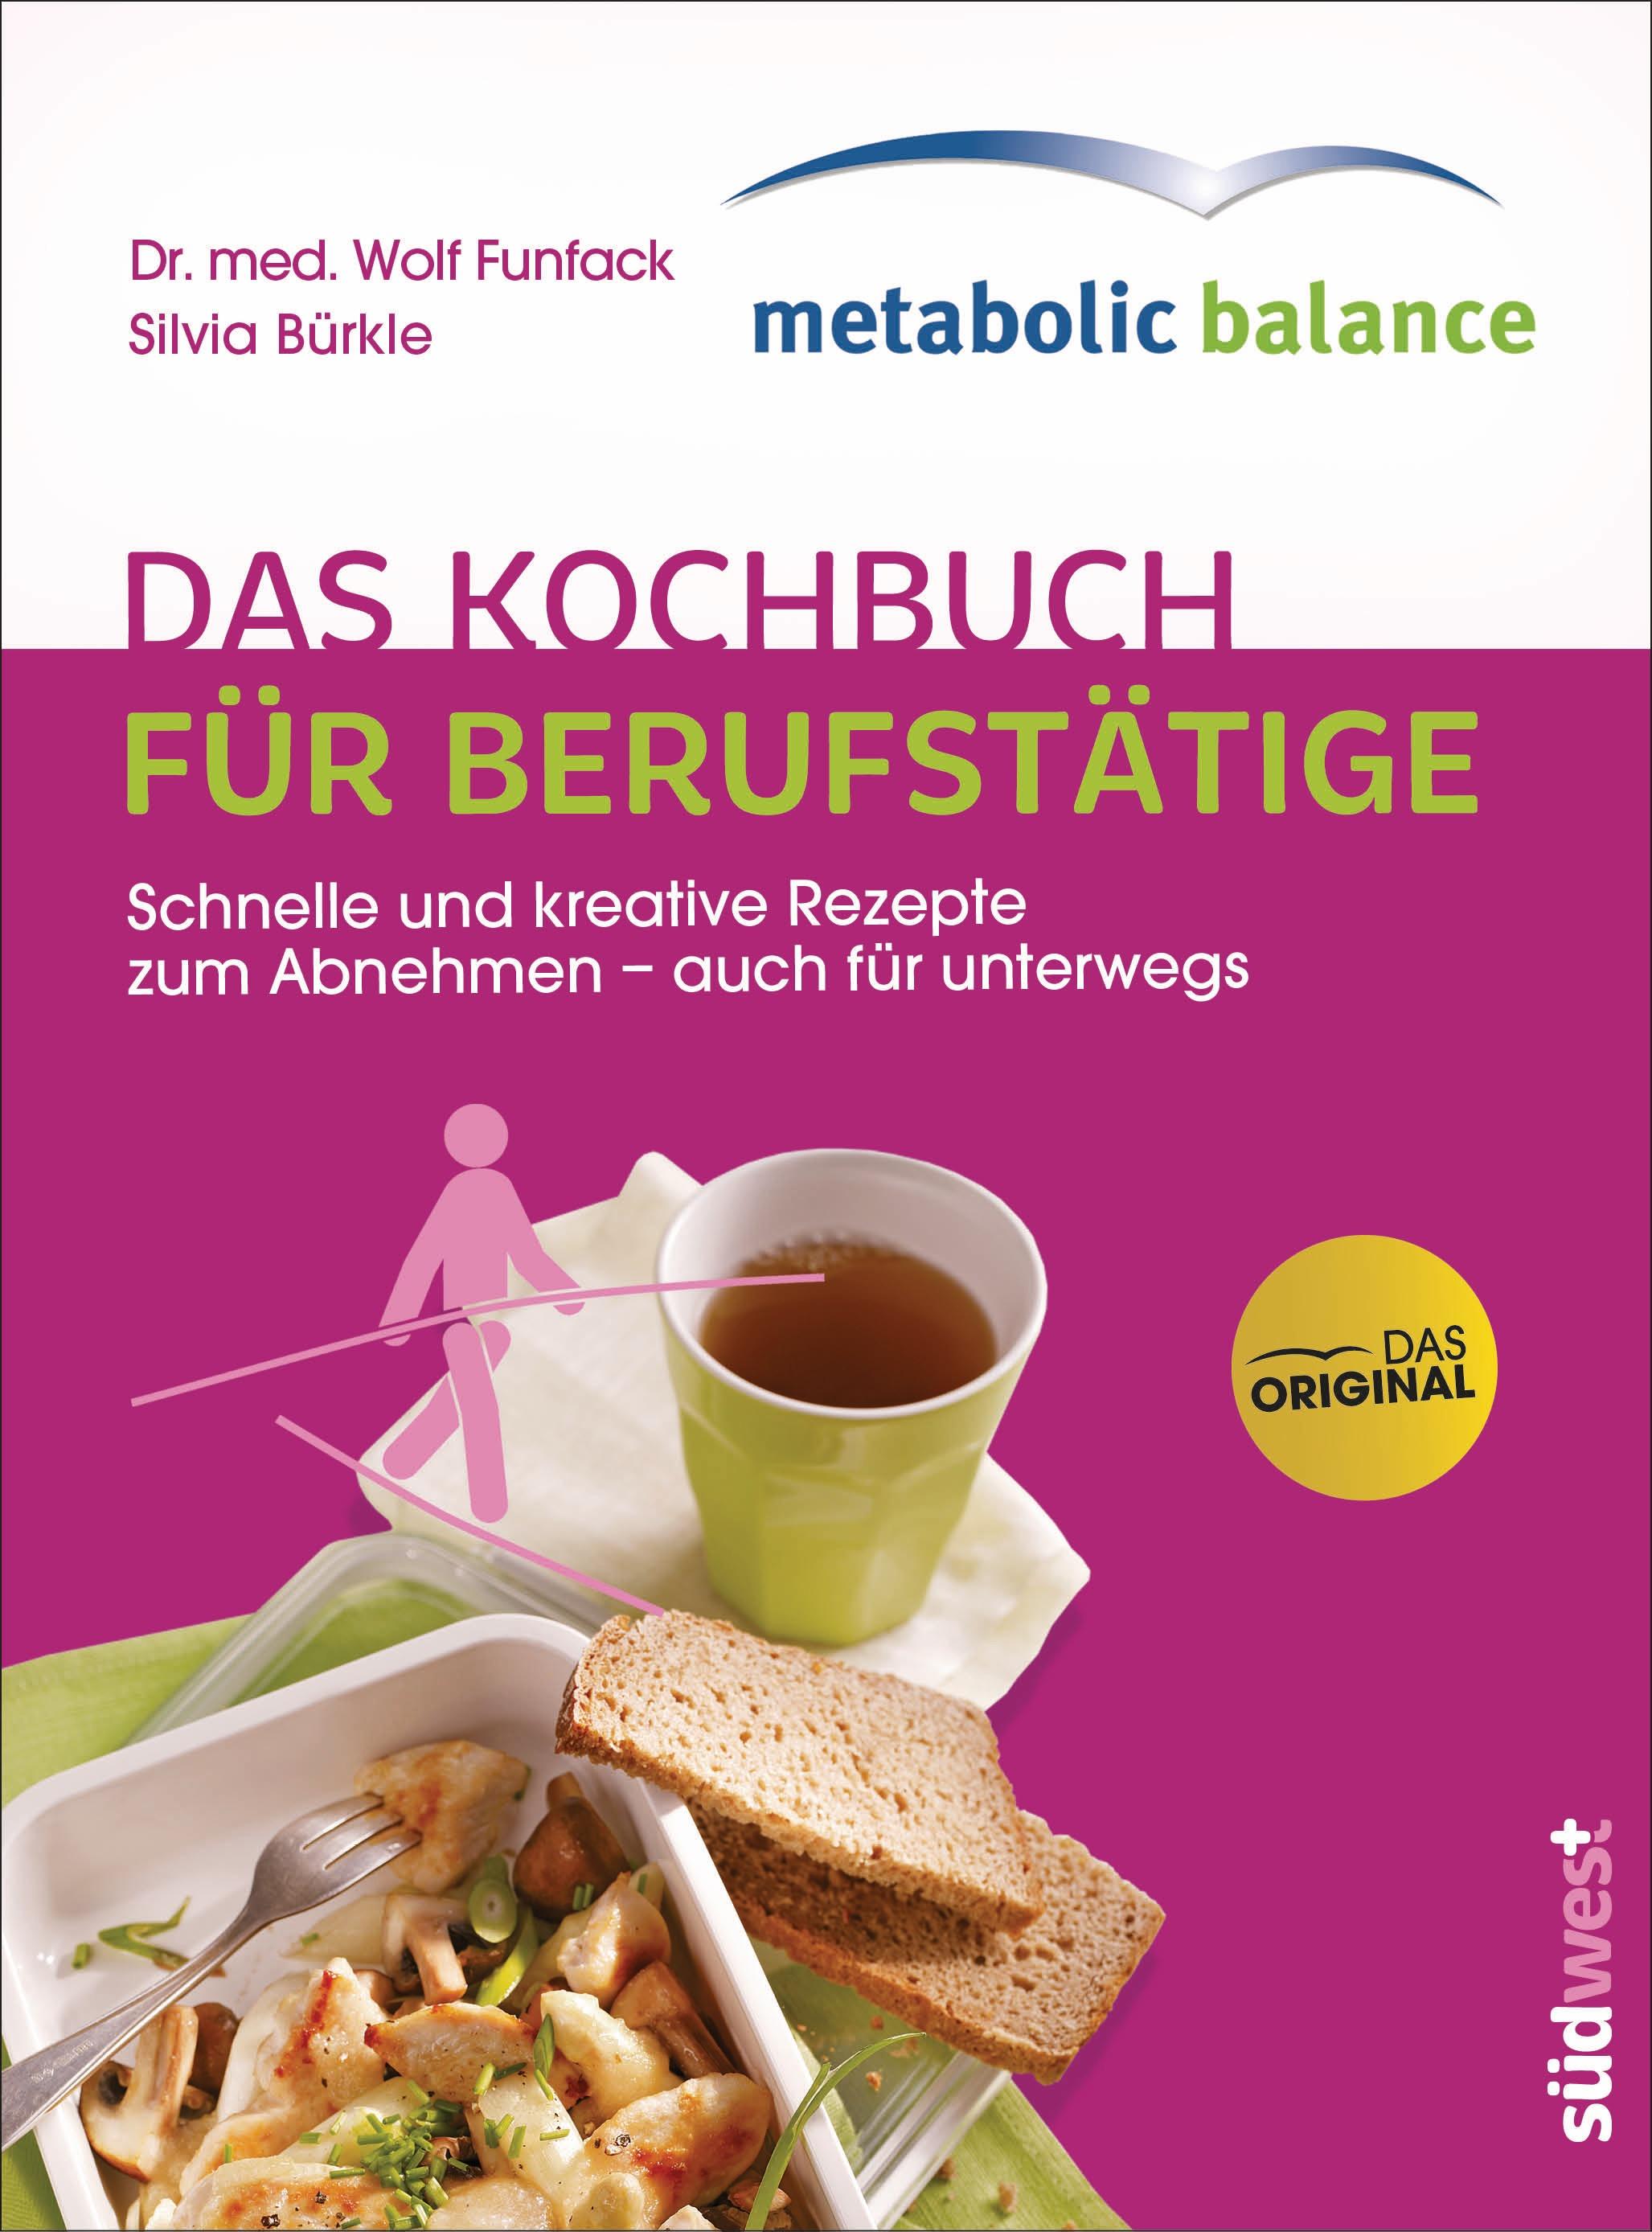 metabolic balance®: Das Kochbuch für Berufstätige: Schnelle und kreative Rezepte zum Abnehmen - auch für unterwegs - Dr.